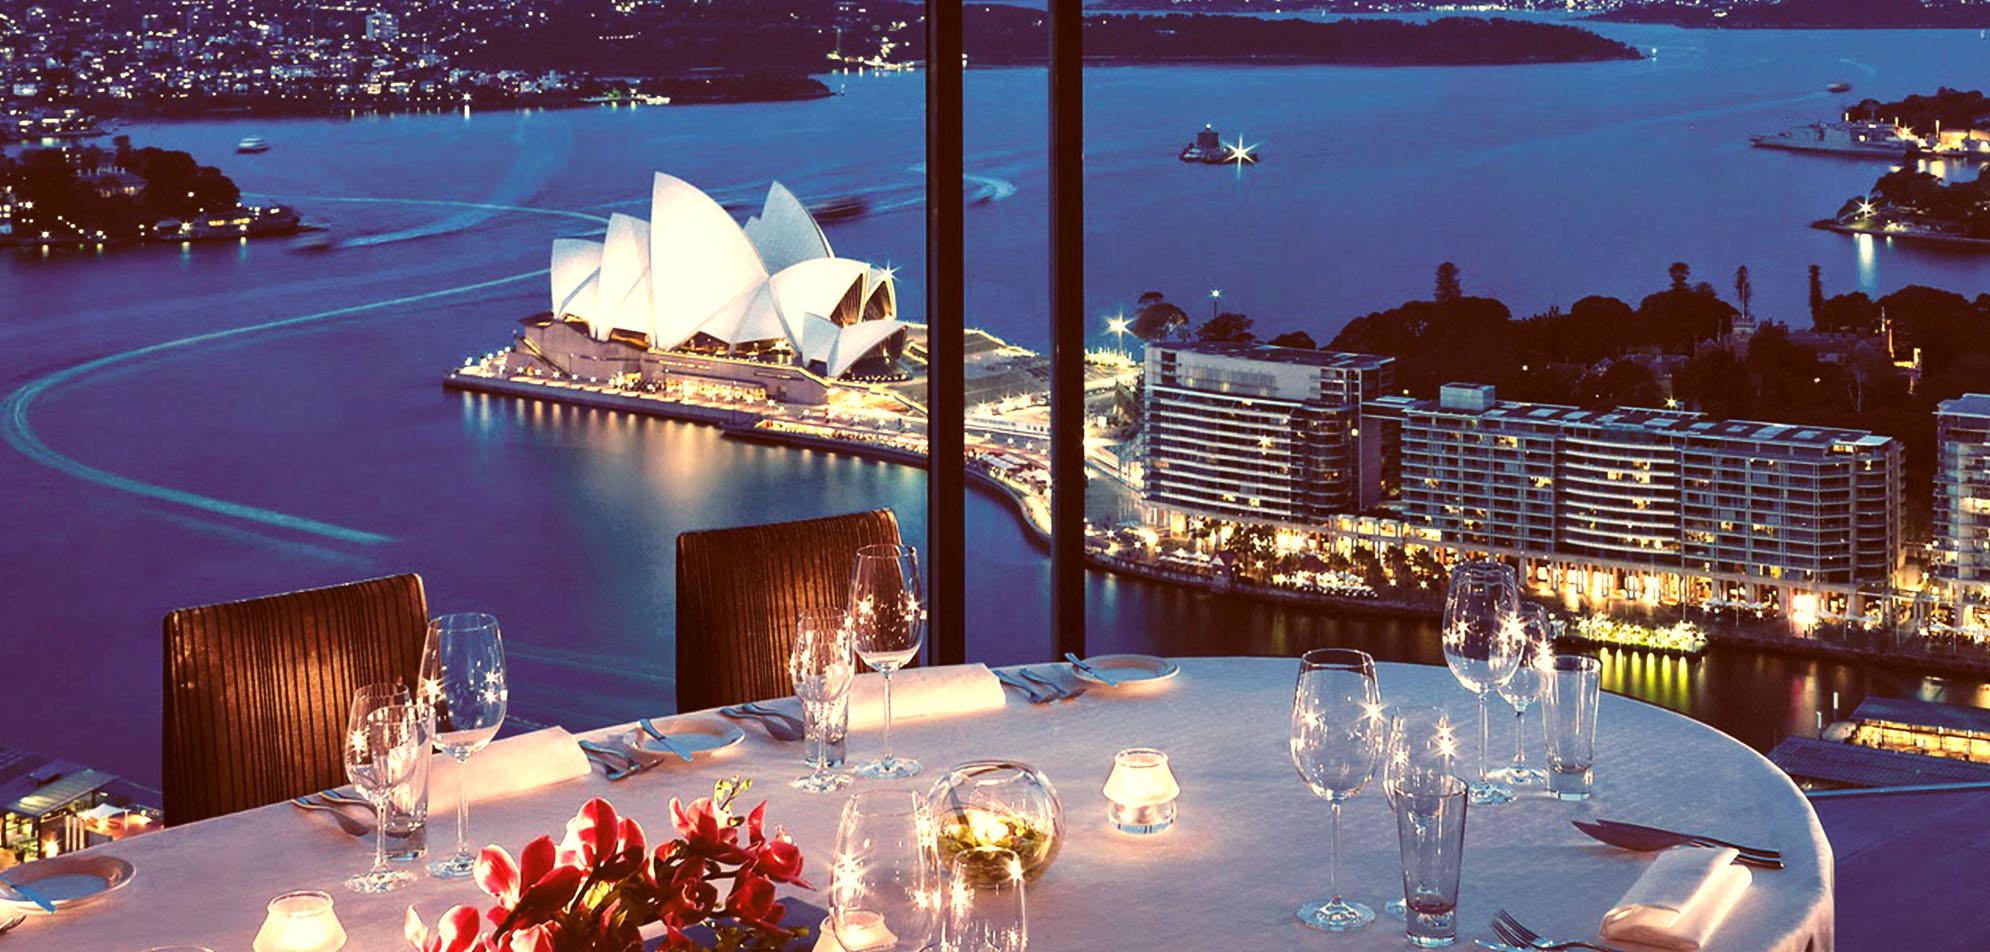 Restaurantes con las mejores vistas del mundo | DiegoCoquillat.com